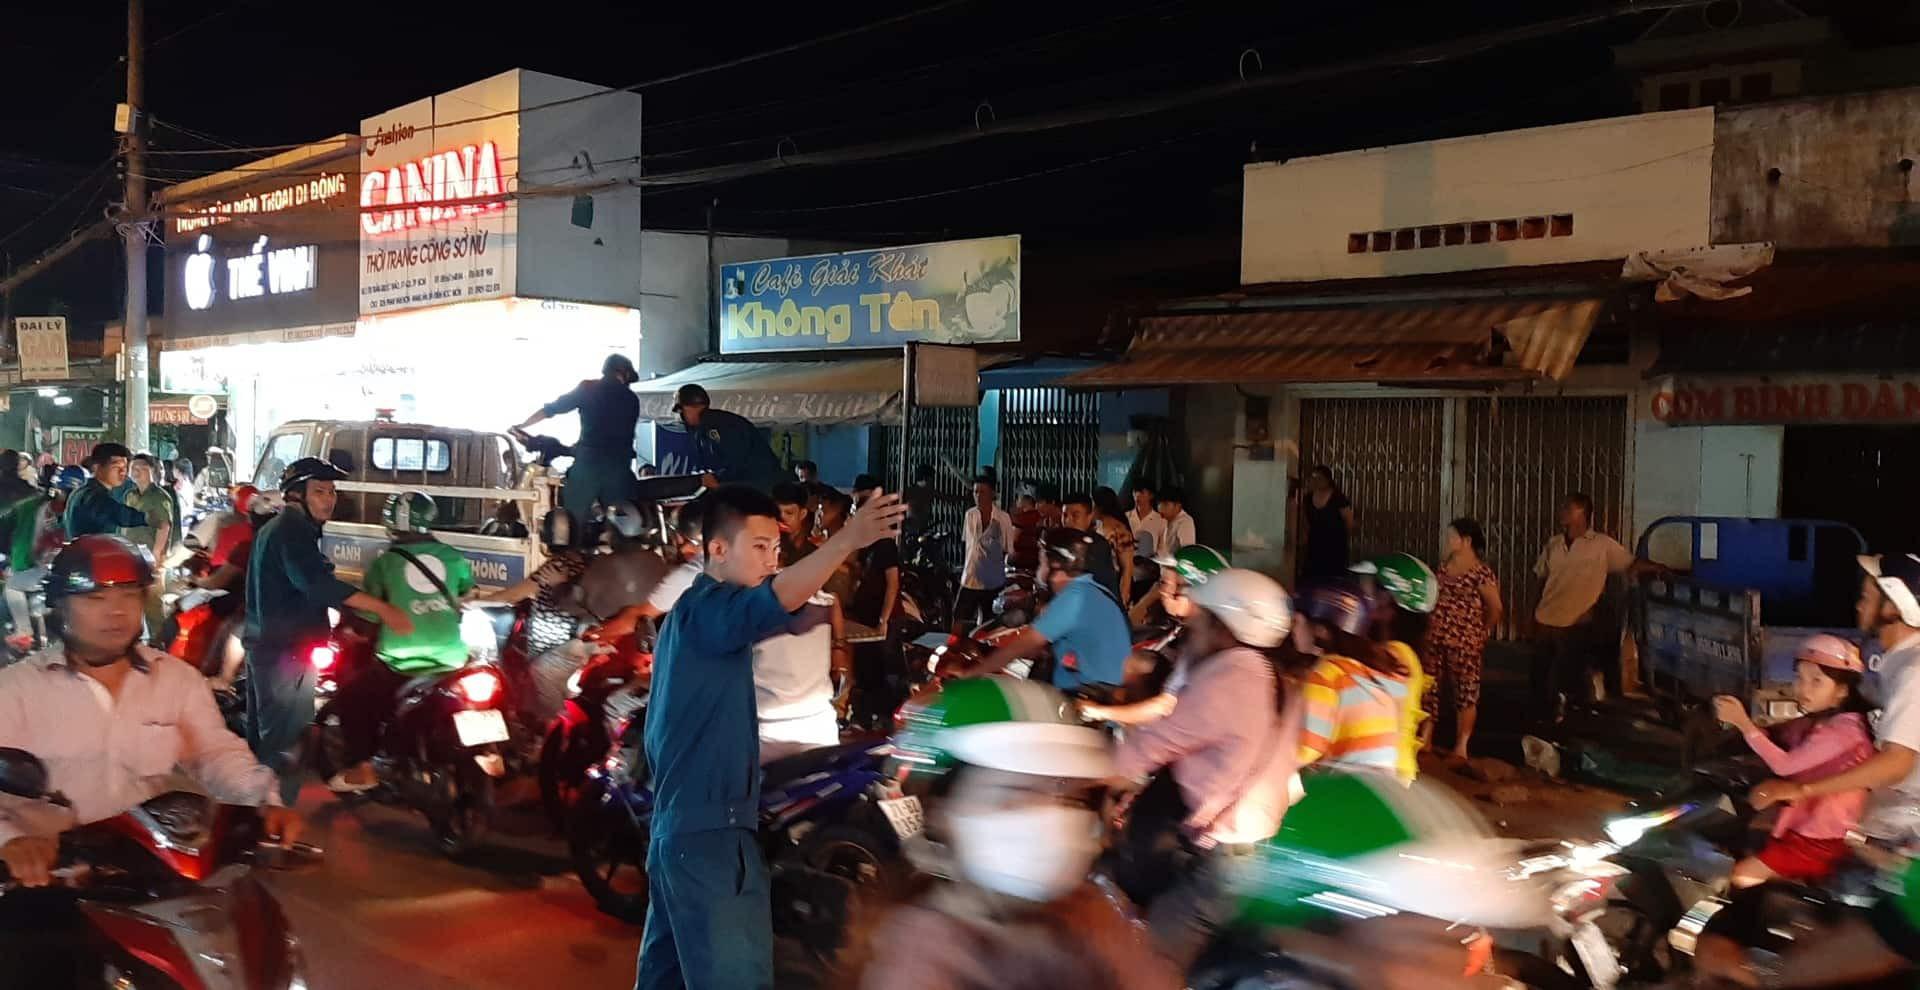 TP.HCM: Ô tô điên cuốn hàng loạt xe máy vào gầm, 4 người bị thương trong đó có trẻ em - Ảnh 2.